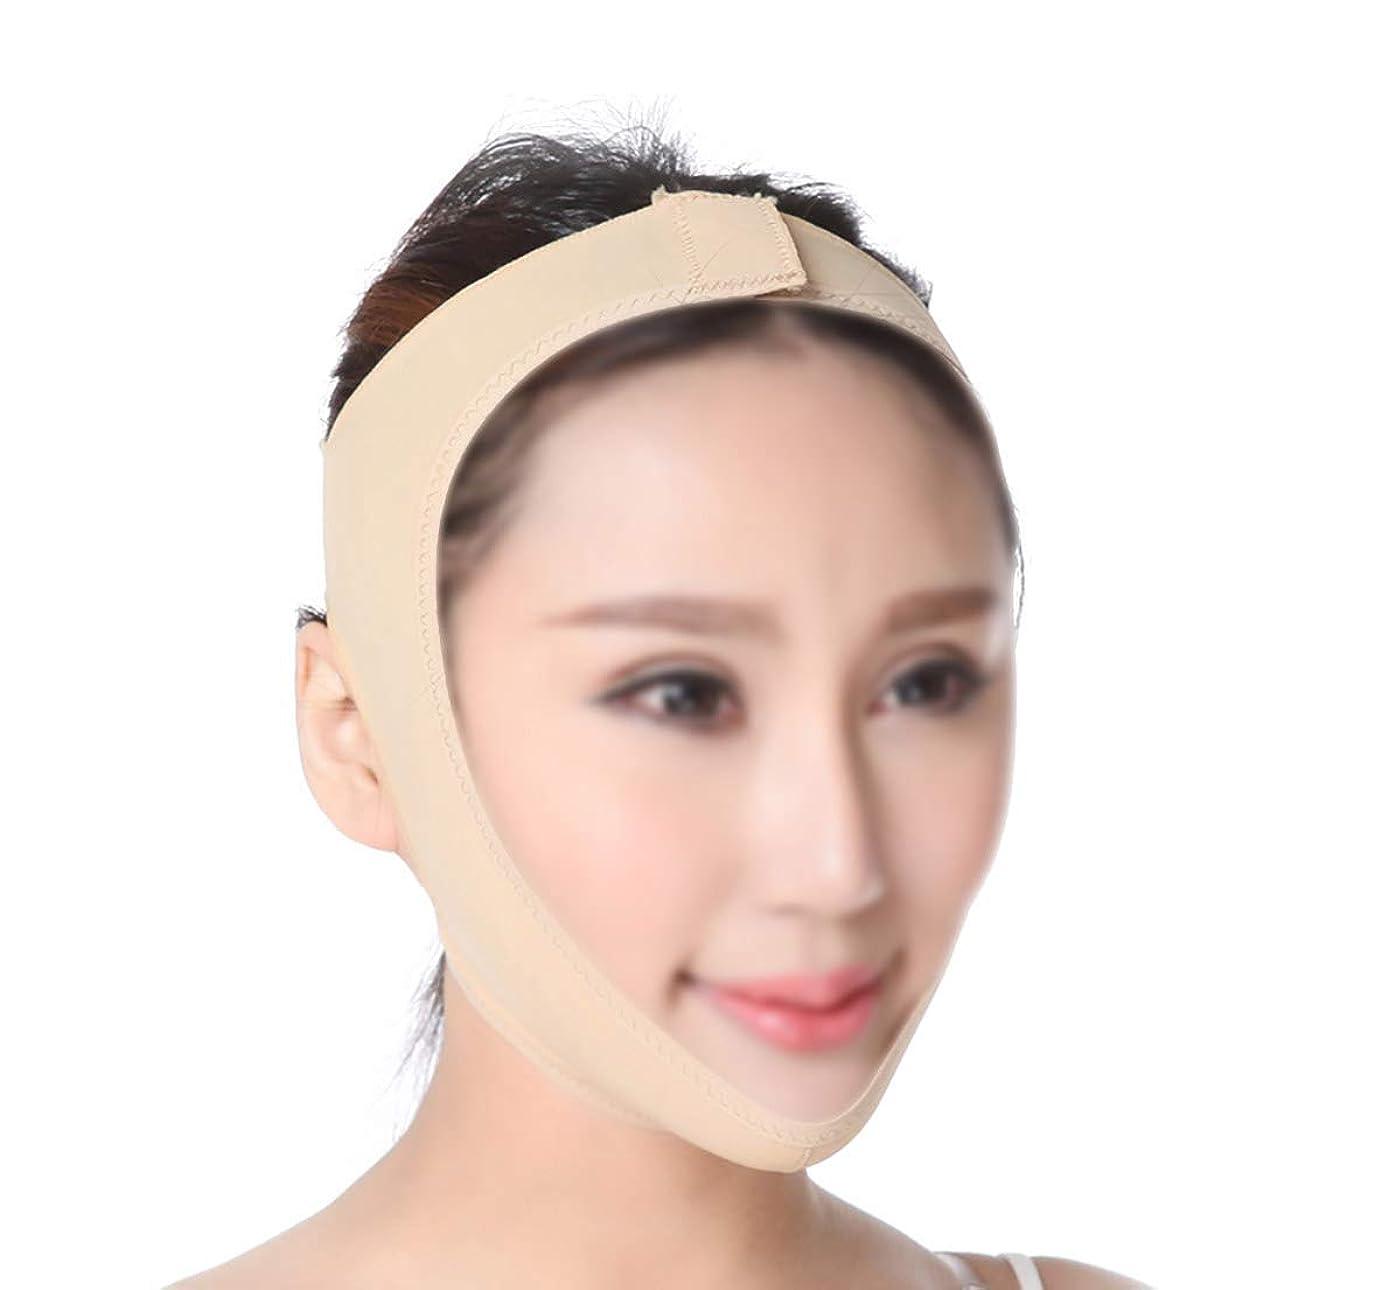 降下ミシン比較フェイスリフティング包帯、フェイシャル減量アンチシワケアフェイスリフトで肌を引き締め、二重あごを効果的に改善し、V字型の顔になります(サイズ:S),Xl